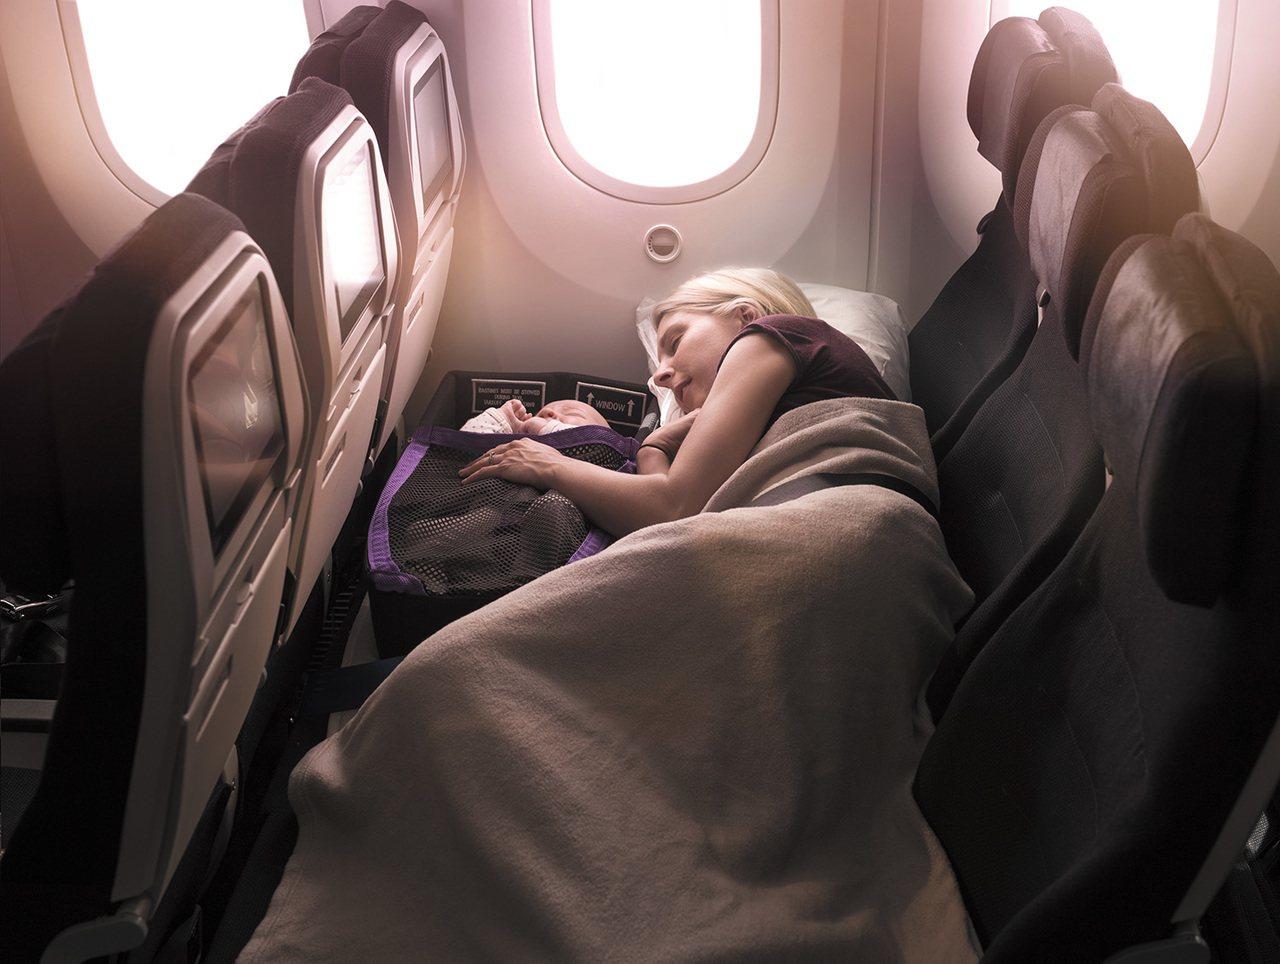 紐西蘭航空推出快閃促銷活動,經濟艙來回機票未稅最低18,800元起。圖/紐西蘭航...